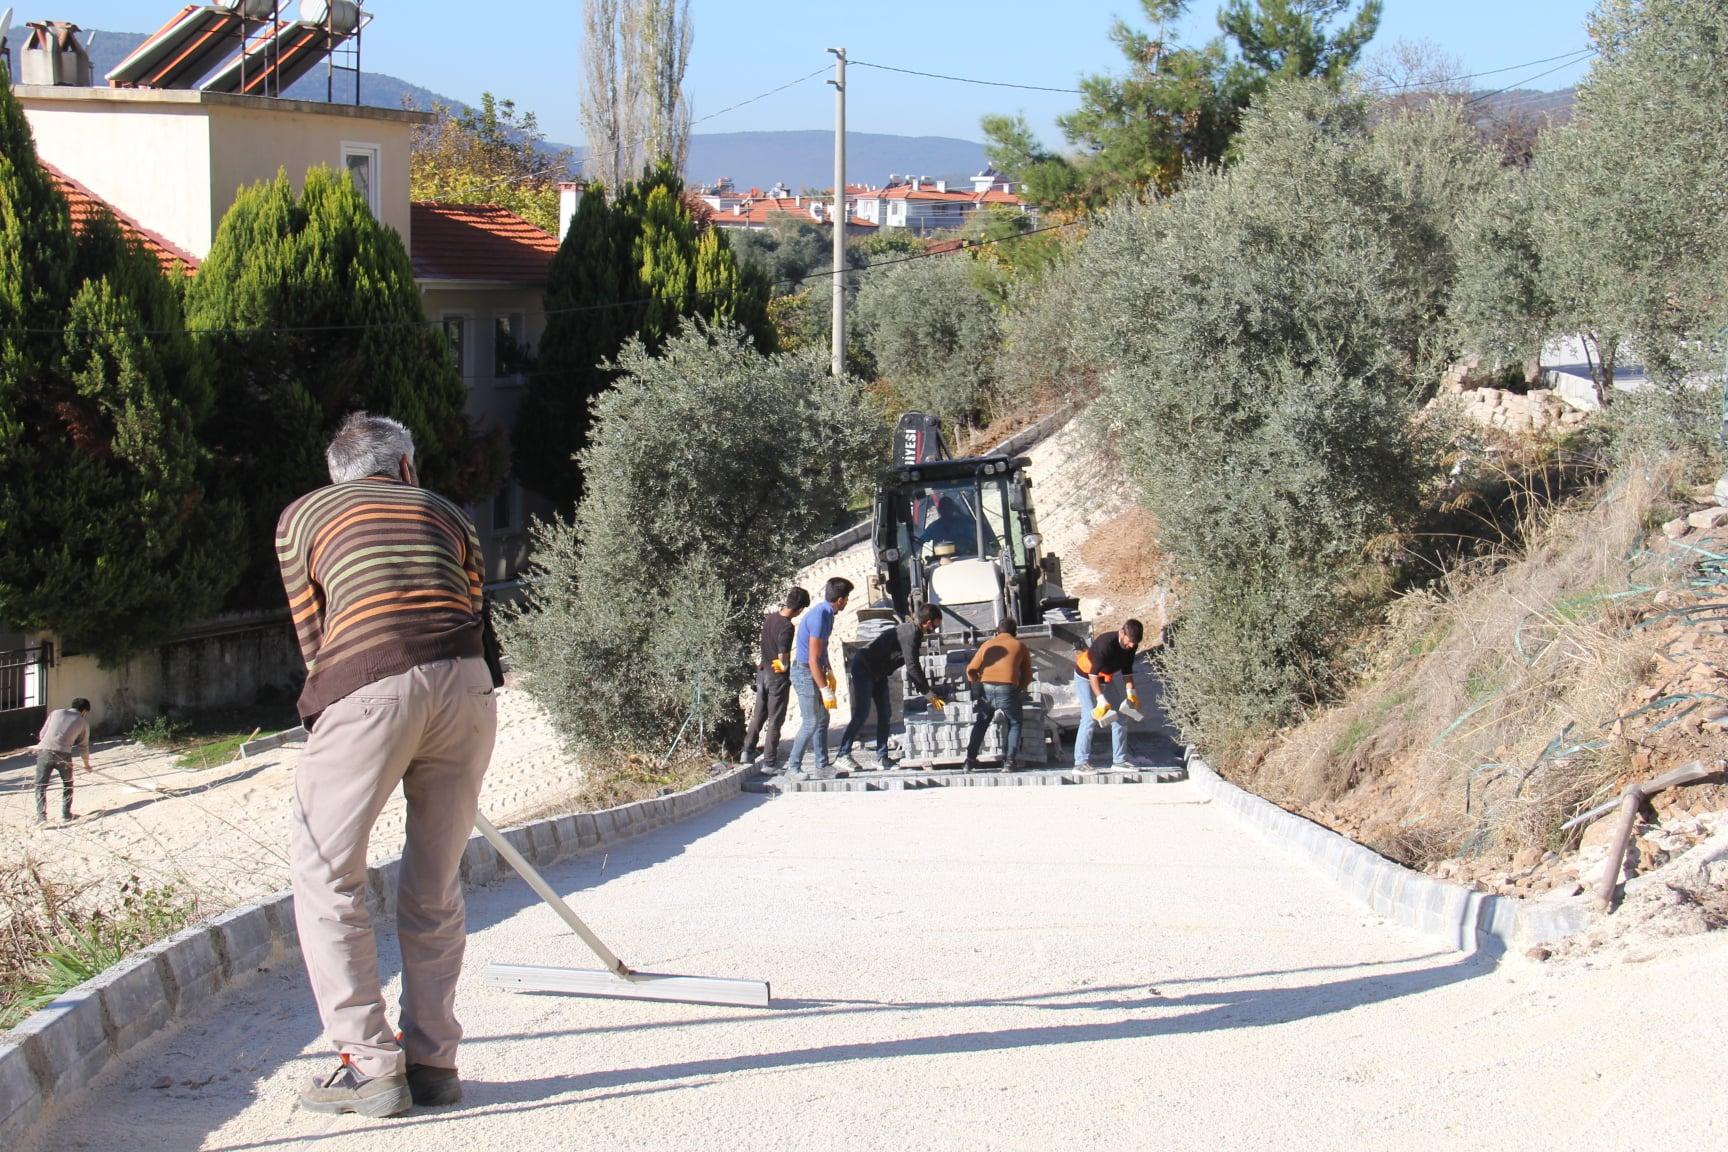 Ayazkıyı Mahallemiz Umutkent Caddesinde 4000 m²'lik Parke Çalışmaları Tamamlandı